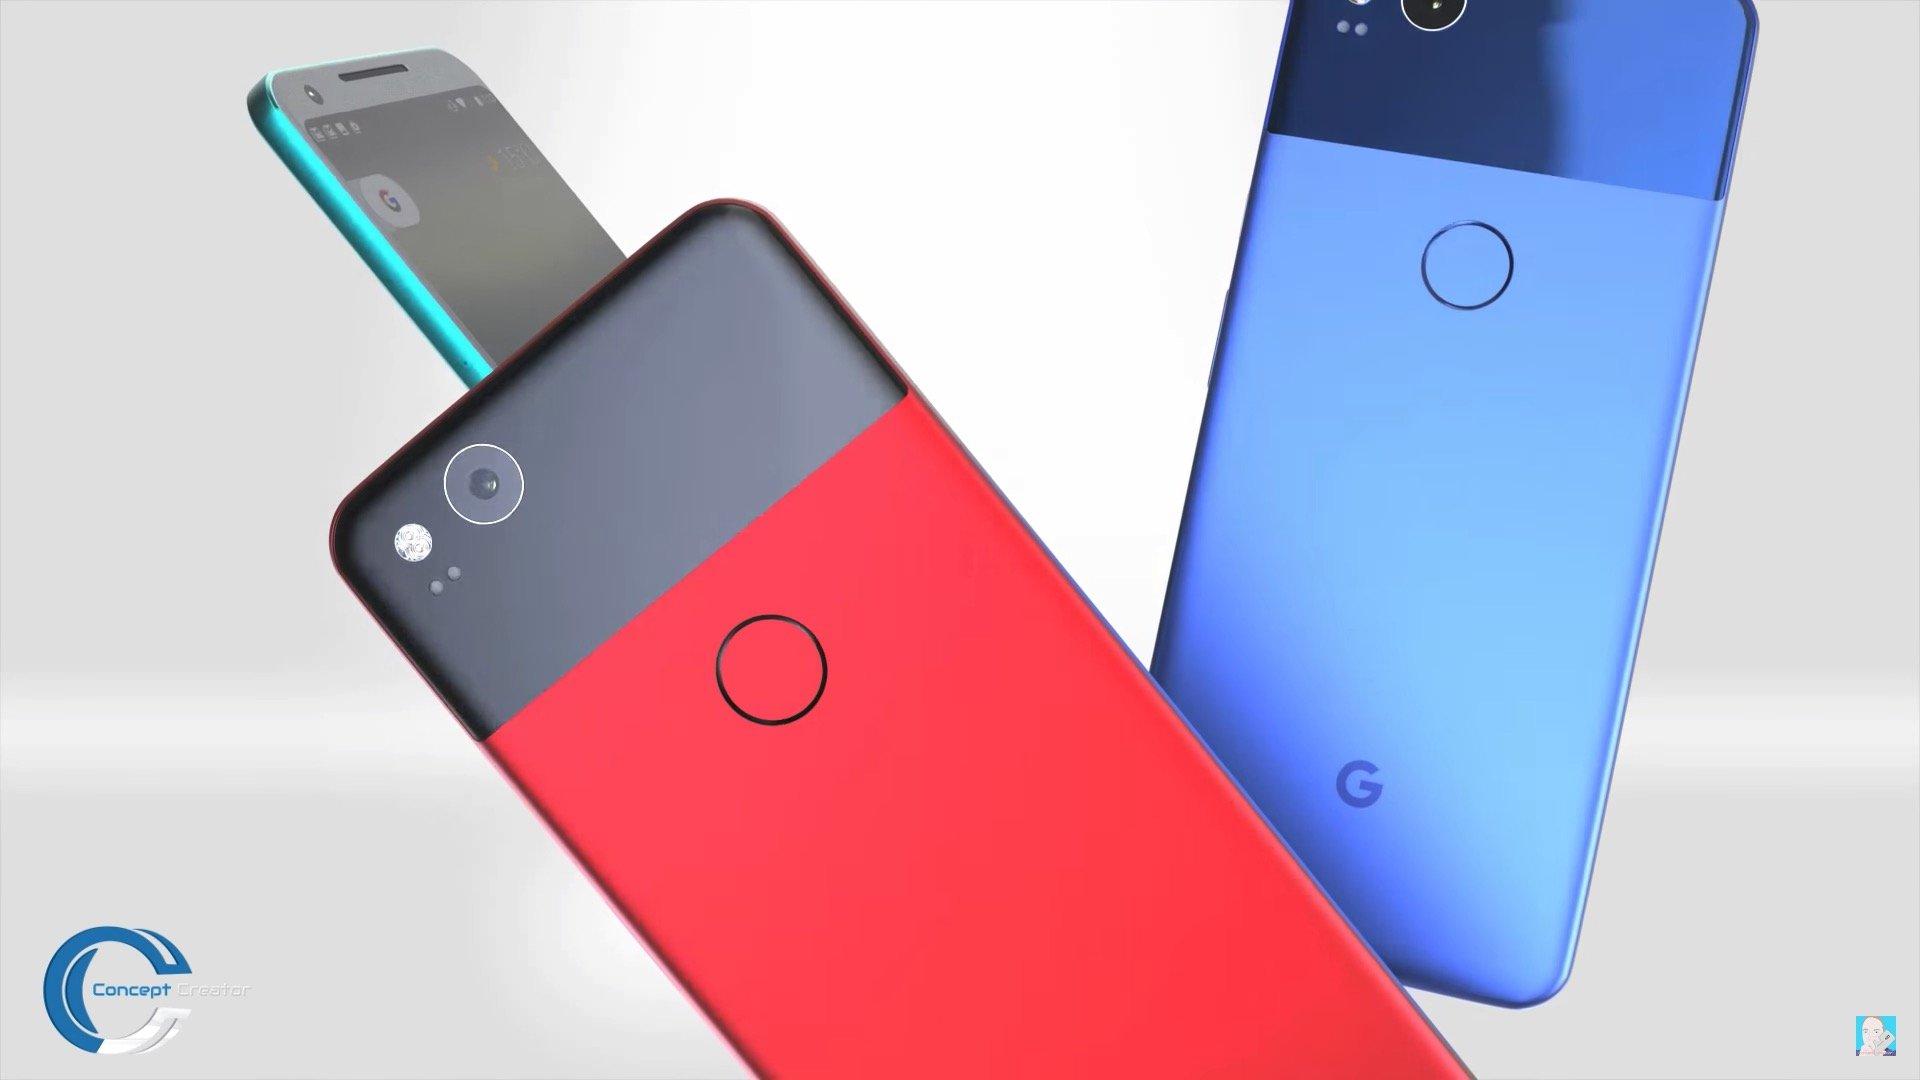 Evan Blass, Google Pixel XL 2-nin yeni fotosunu, təqdimatdan bir gün öncə təqdim etdi